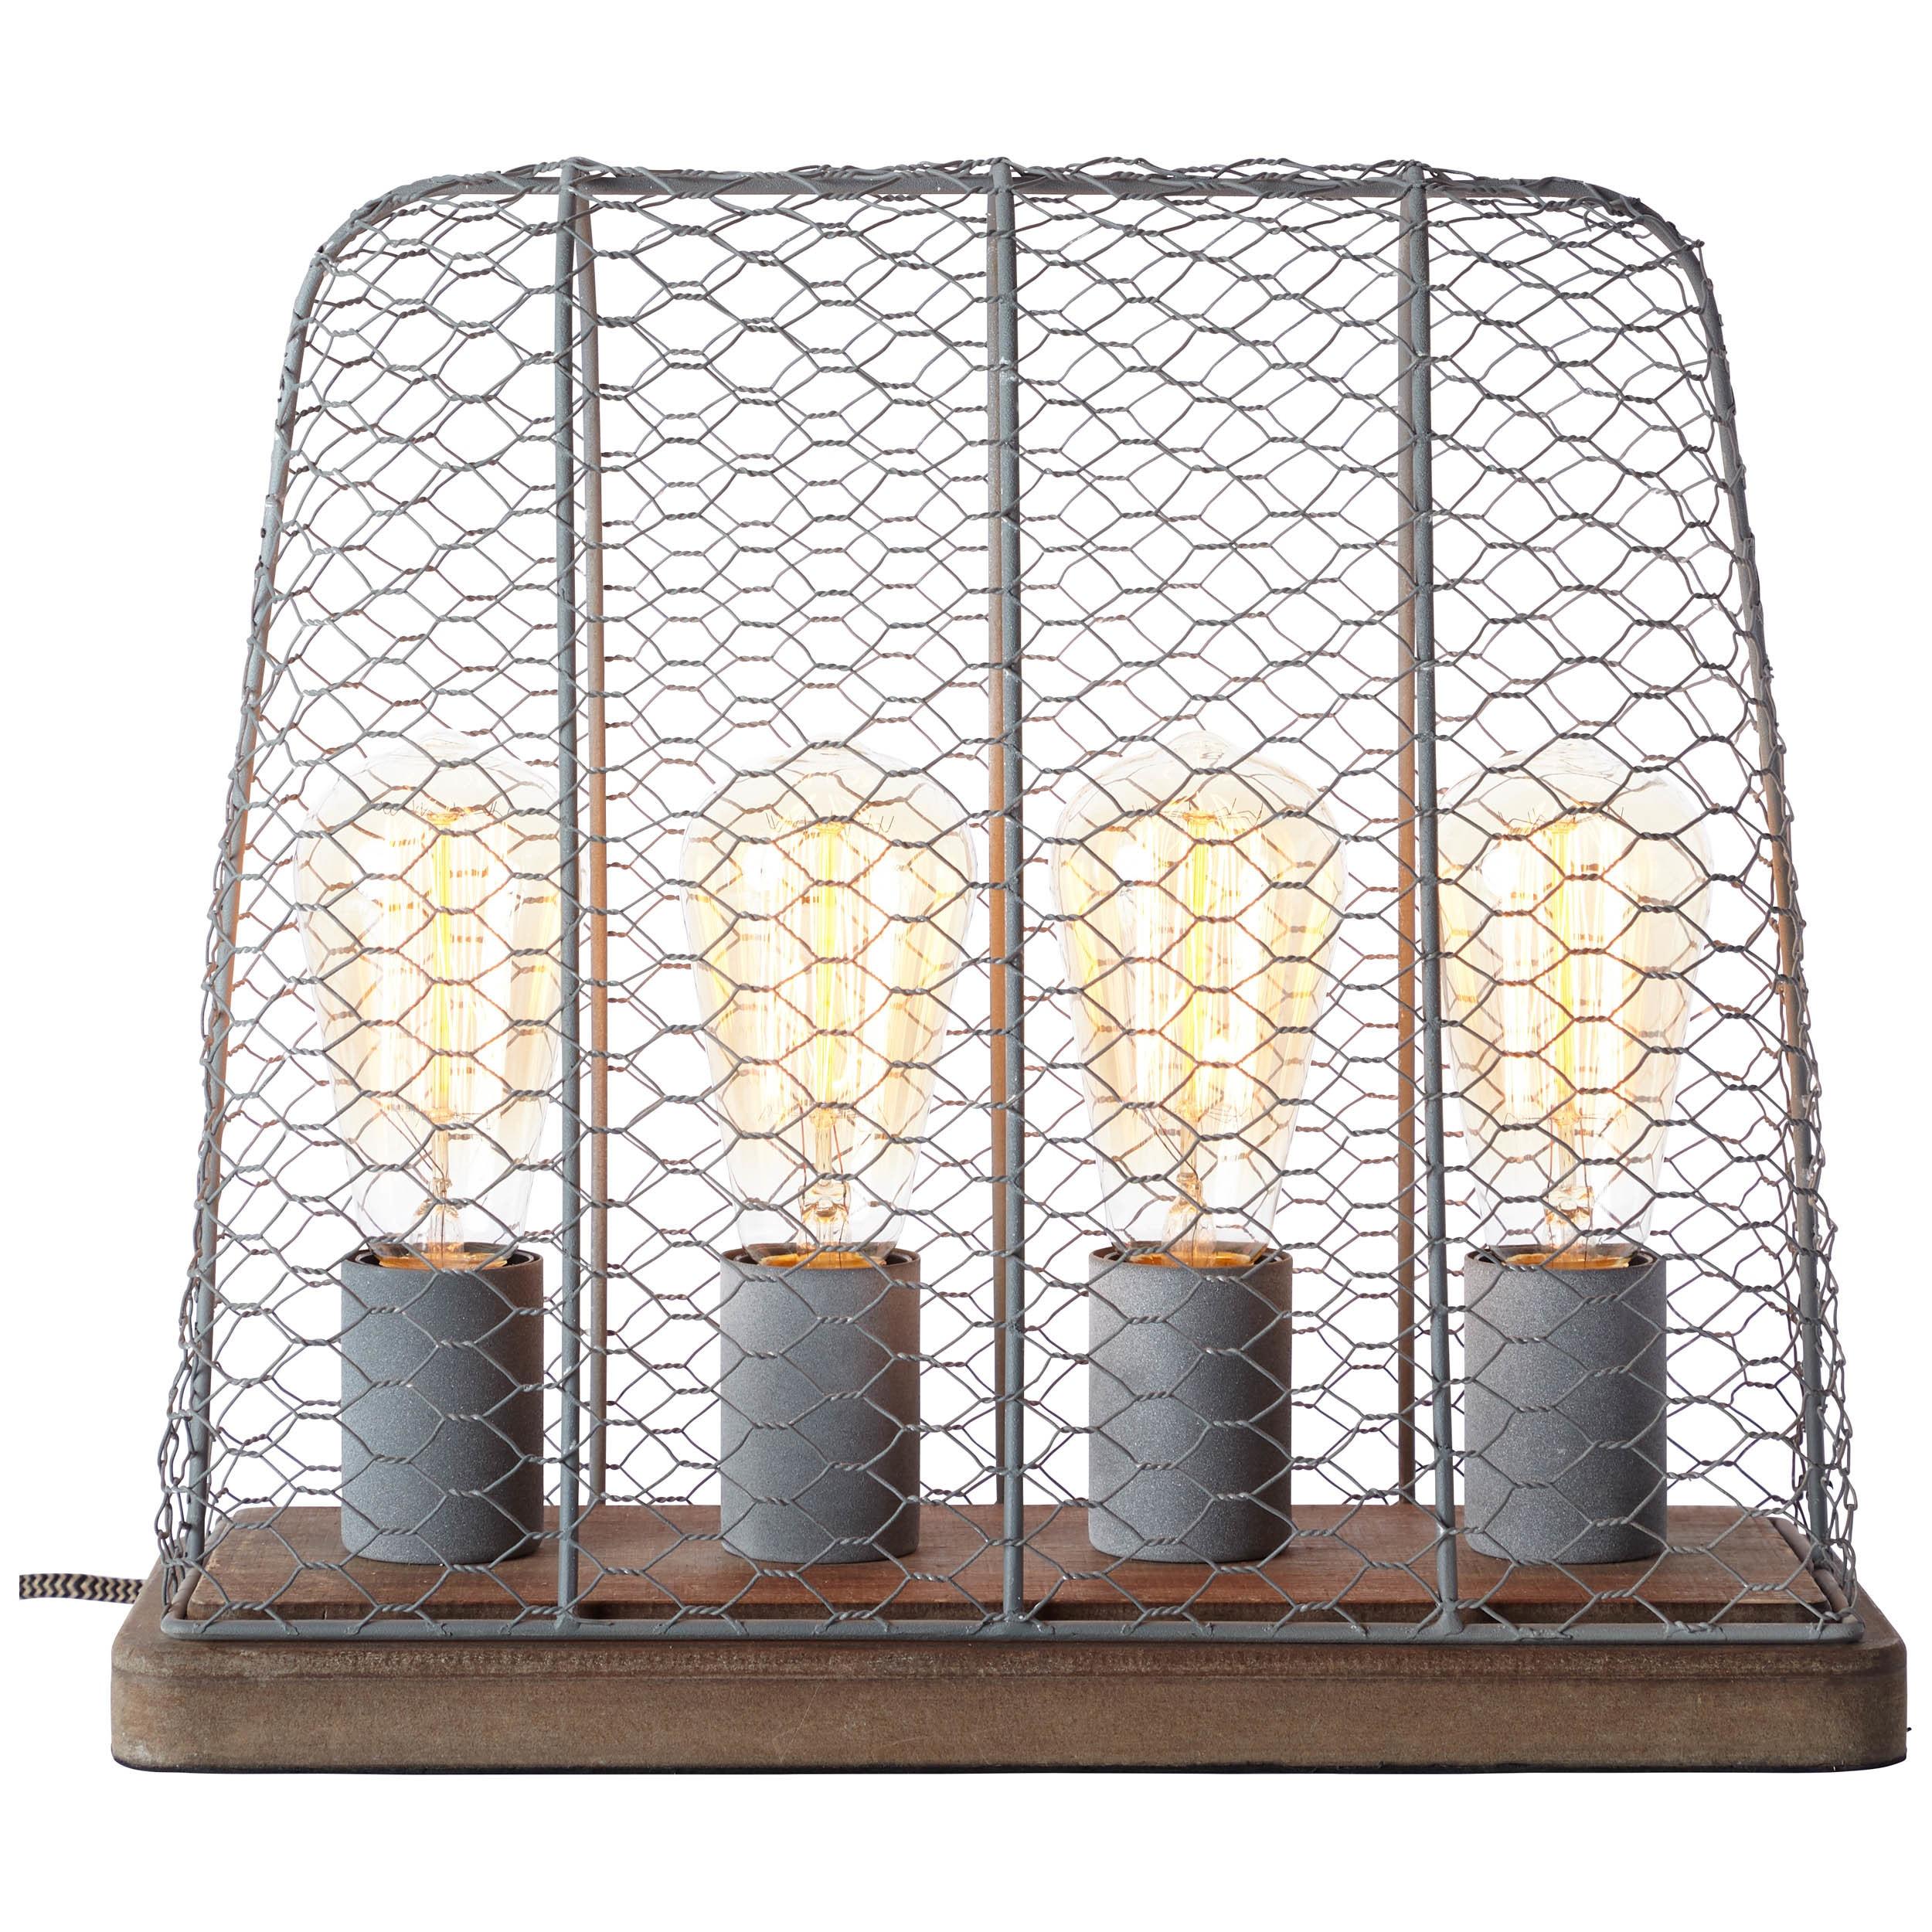 Brilliant Leuchten Hutch Tischleuchte 4flg grau Beton